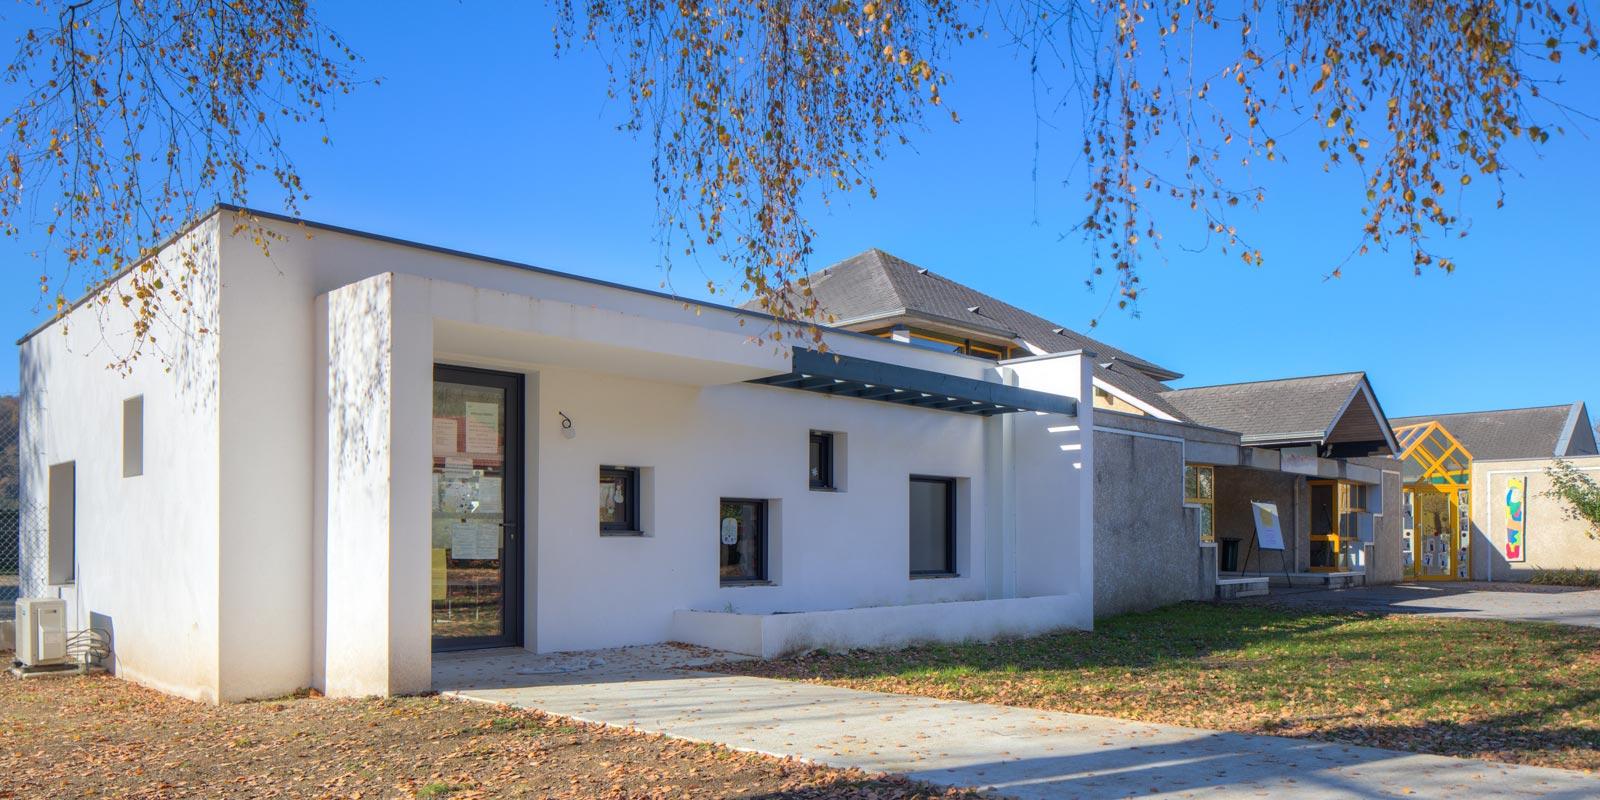 Ecole de Montaut